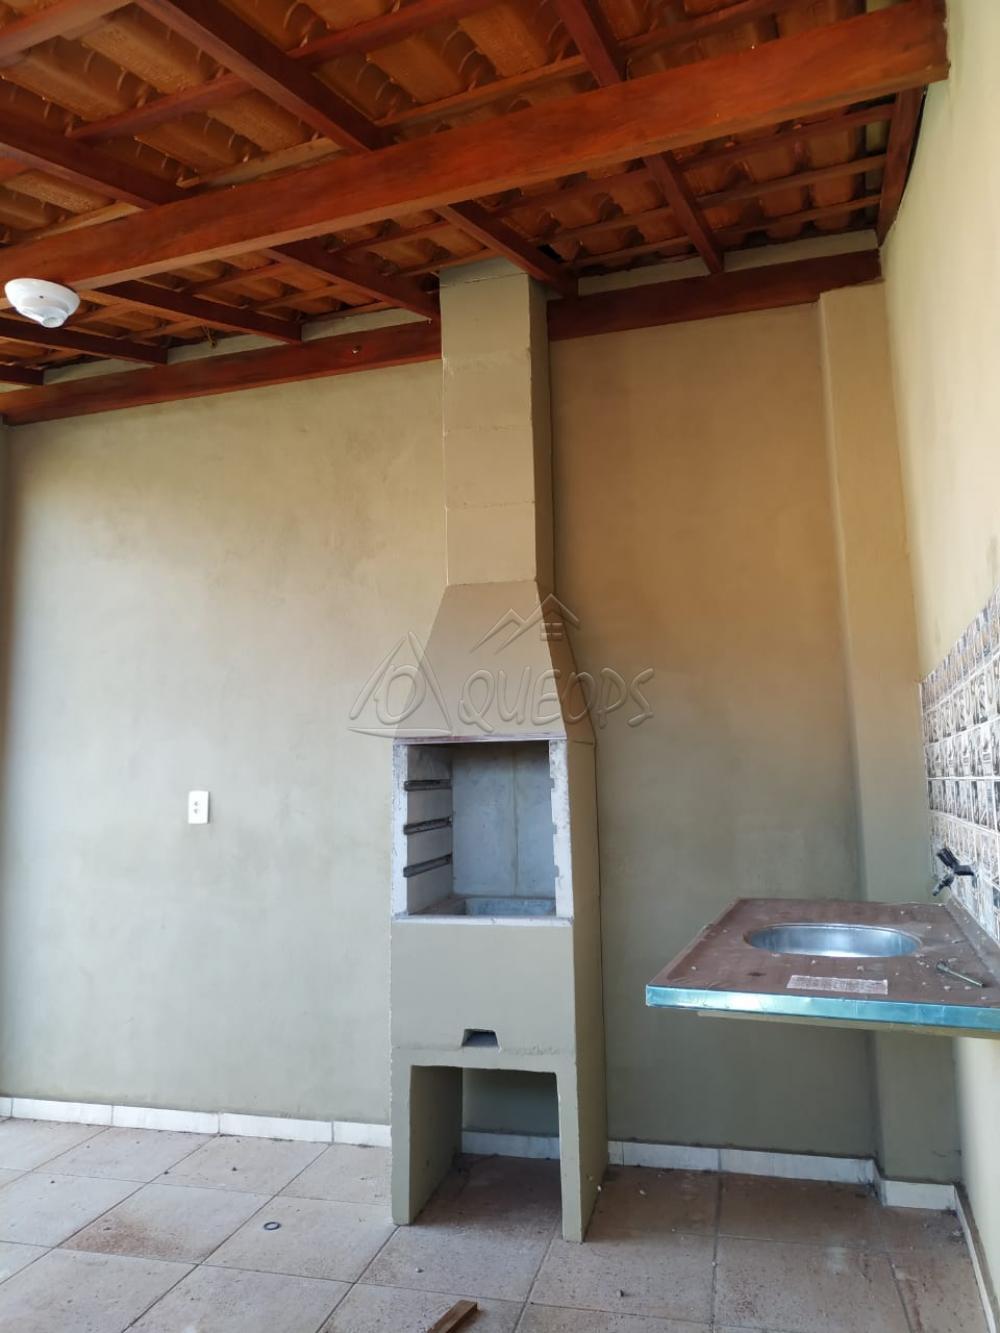 Comprar Casa / Padrão em Barretos apenas R$ 220.000,00 - Foto 16